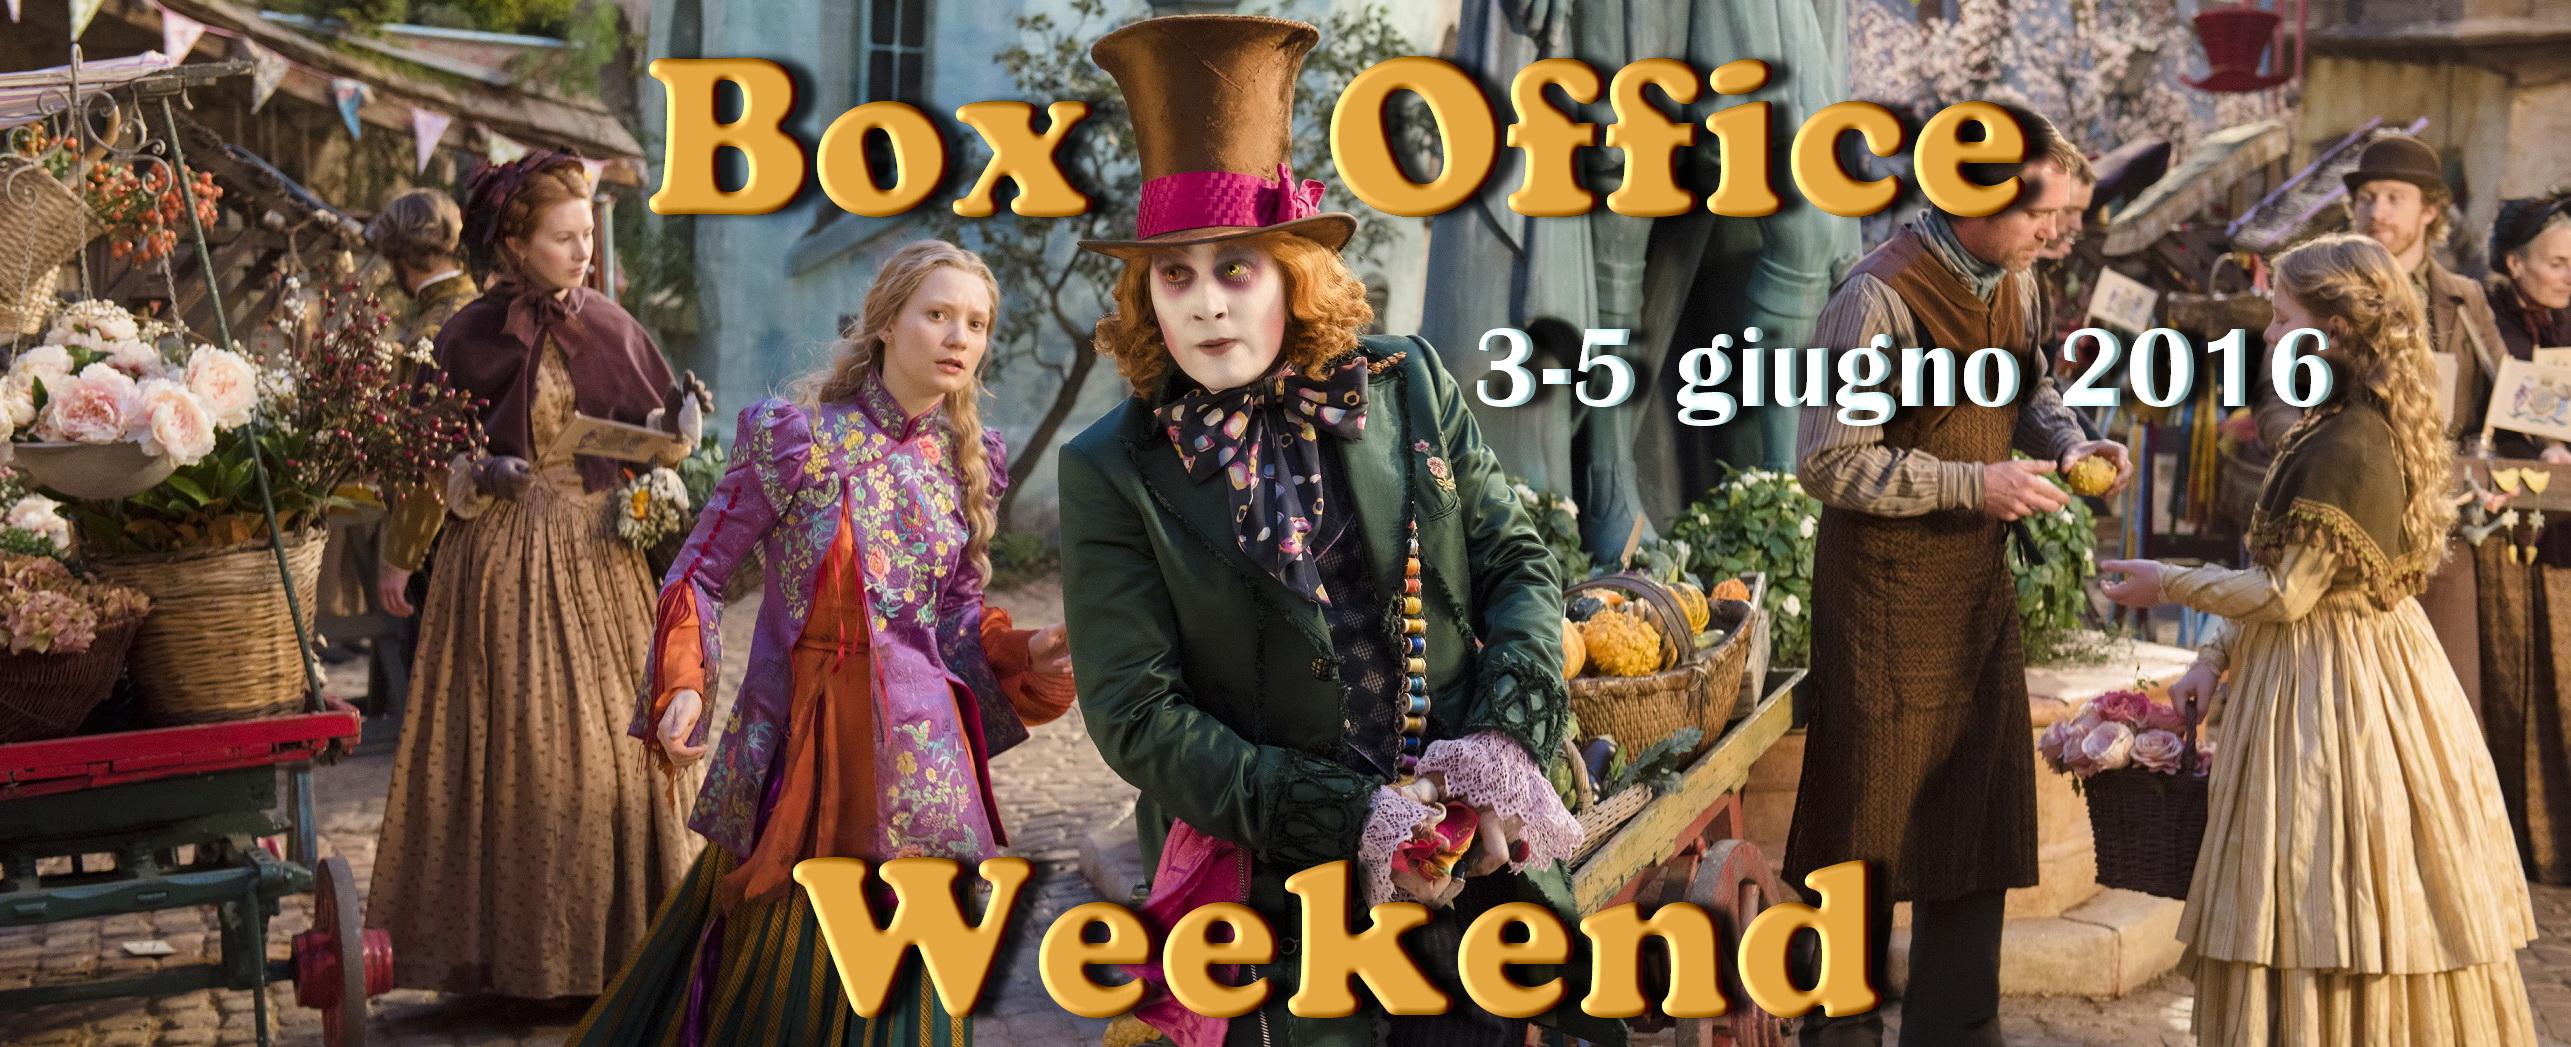 """Primo appuntamento di giugnocon""""Box Office Weekend"""" e gli incassi del fine settimana cinematografico, in curioso miglioramento rispetto al precedente, anche grazie al ponte del 2 giugno. Appassionante testa a testa […]"""